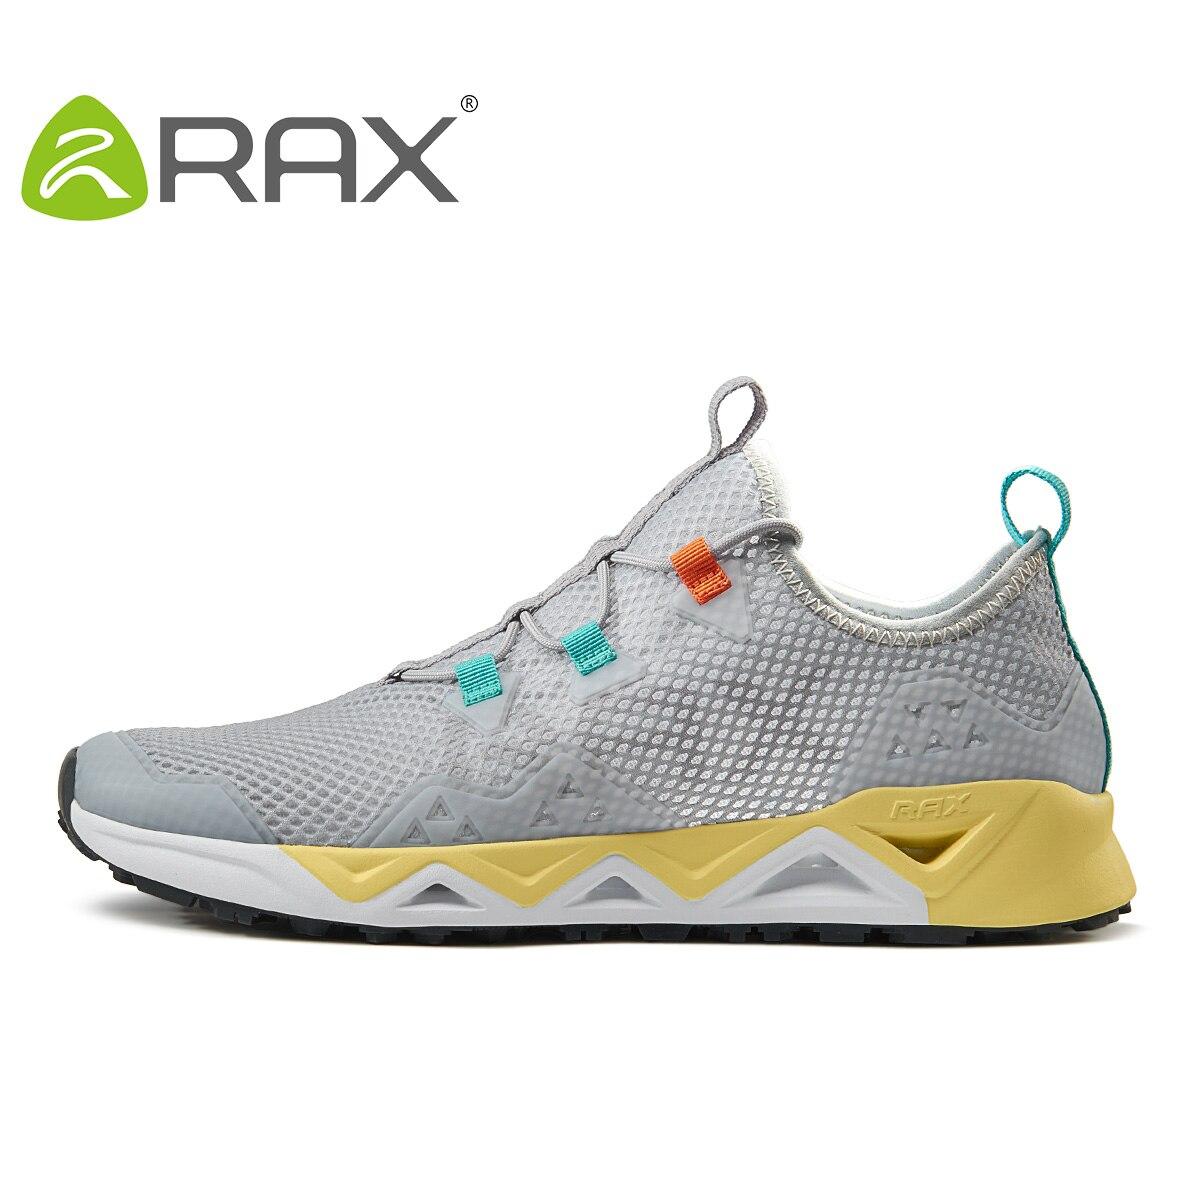 RAX Breathable Trekking Shoes Women men Summer Lightweight Hiking Shoes Men Ourdoor Walking Fishing Shoes Men WomenZapatos